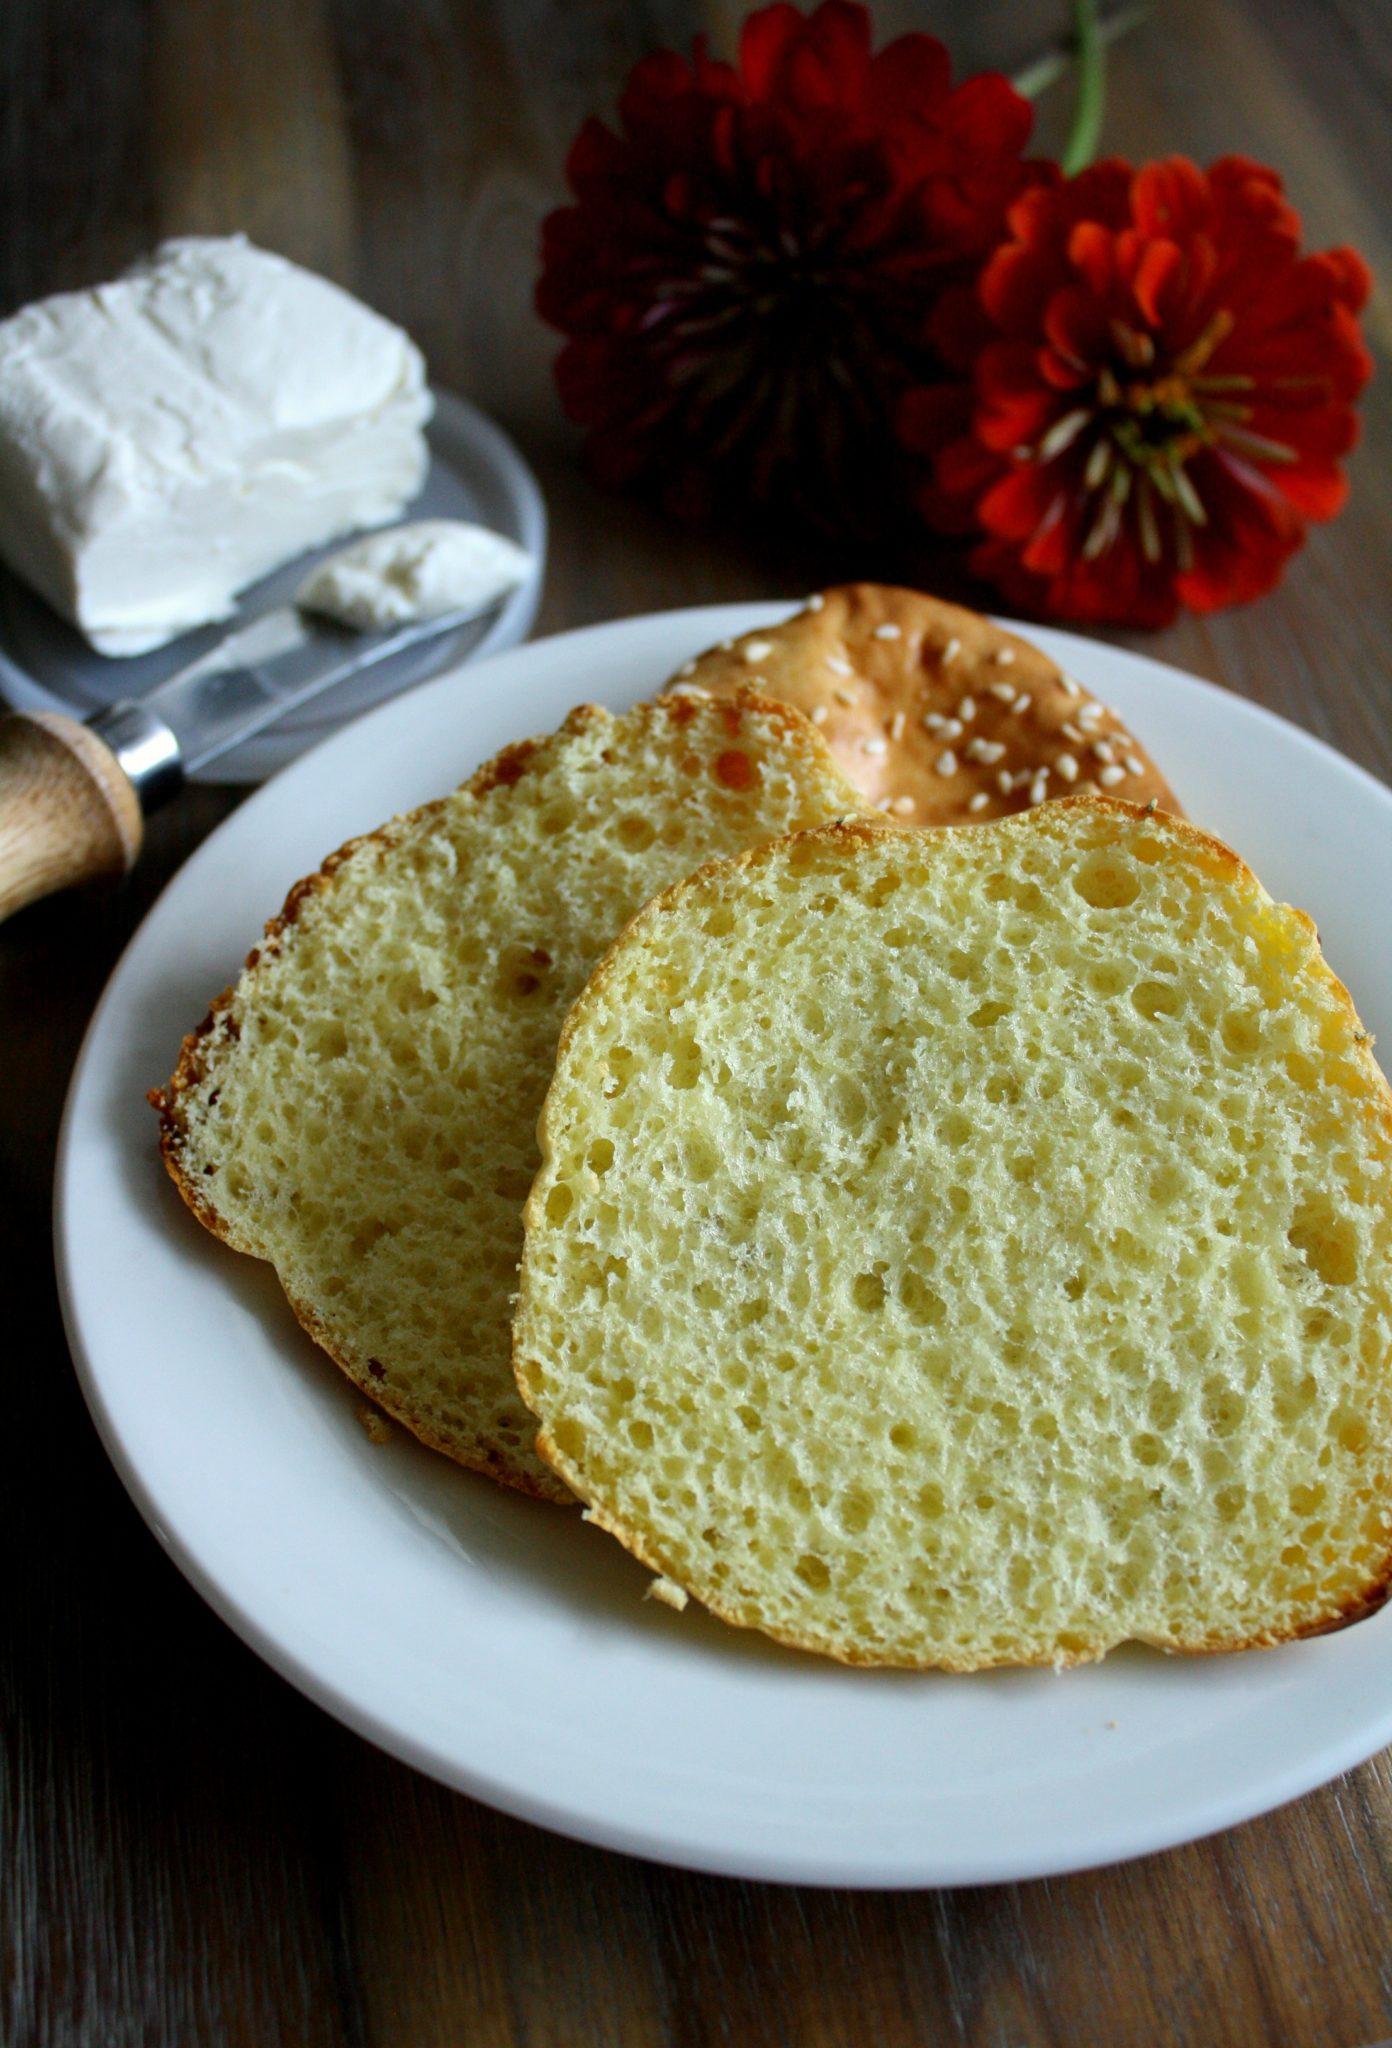 O melhor e mais fácil pão low carb que você já experimentou! Com somente 3 ingredientes é fácil eliminar carboidratos da sua alimentação!